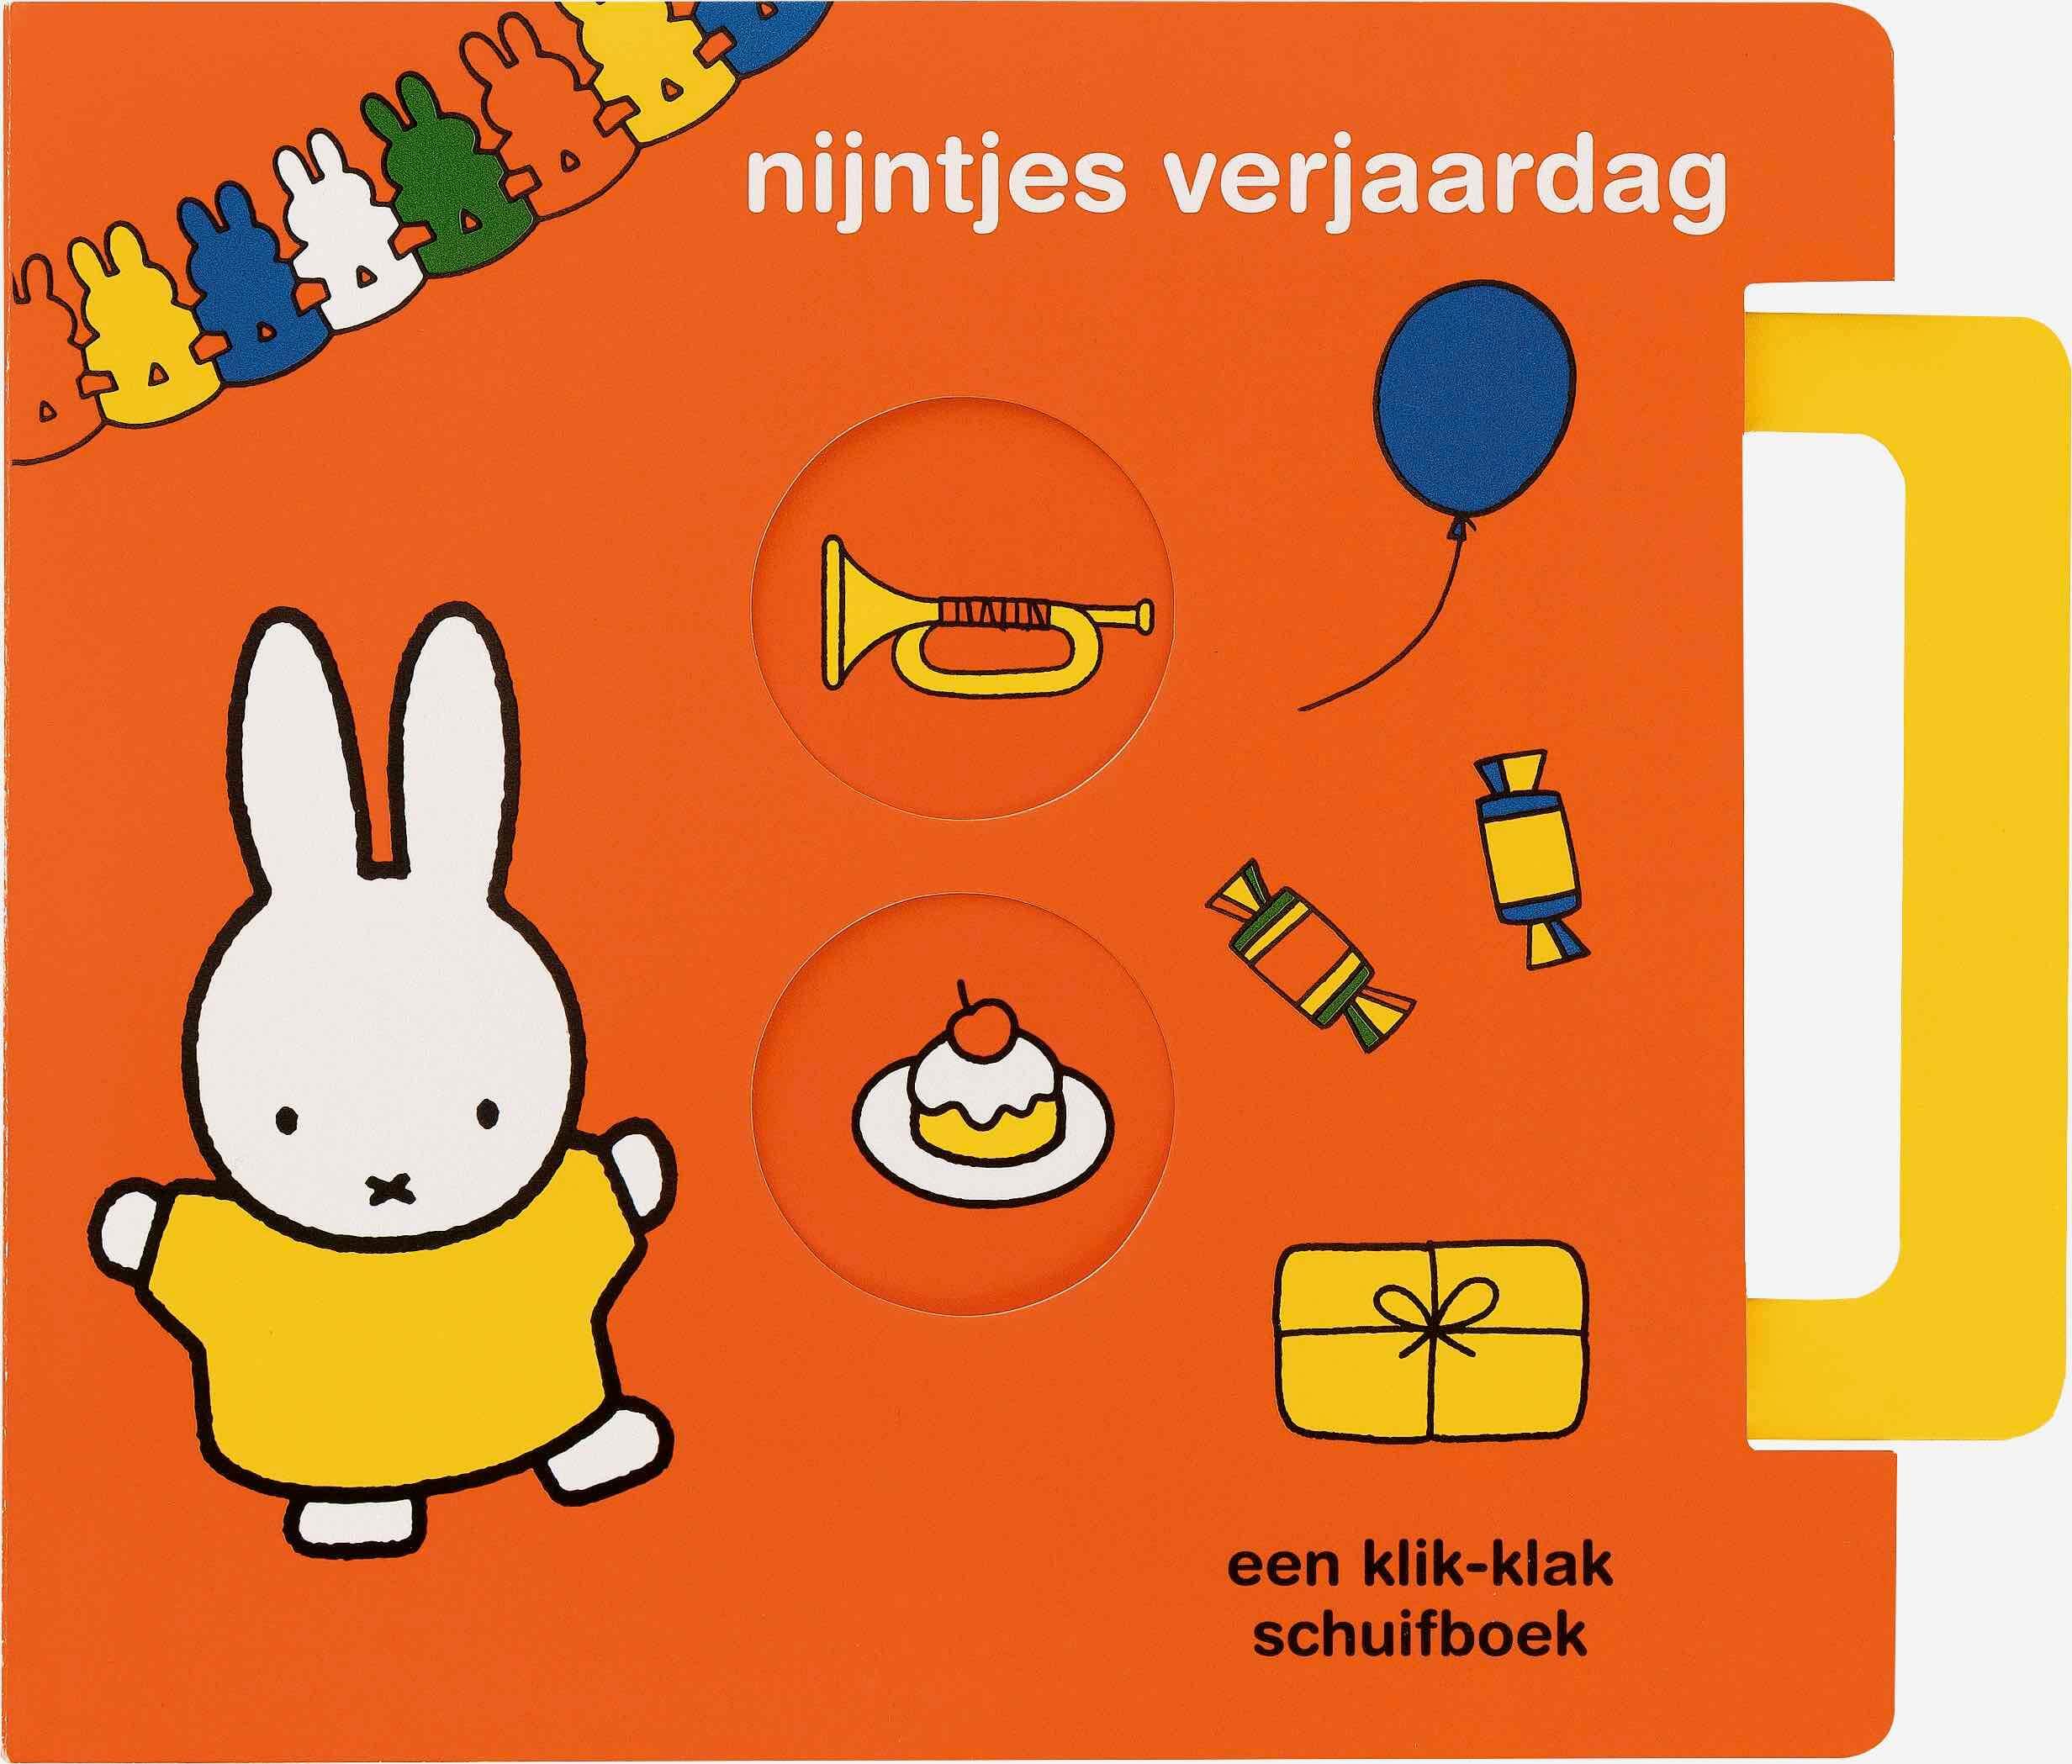 Vier nijntjes verjaardag met het speciale klik-klak schuifboek